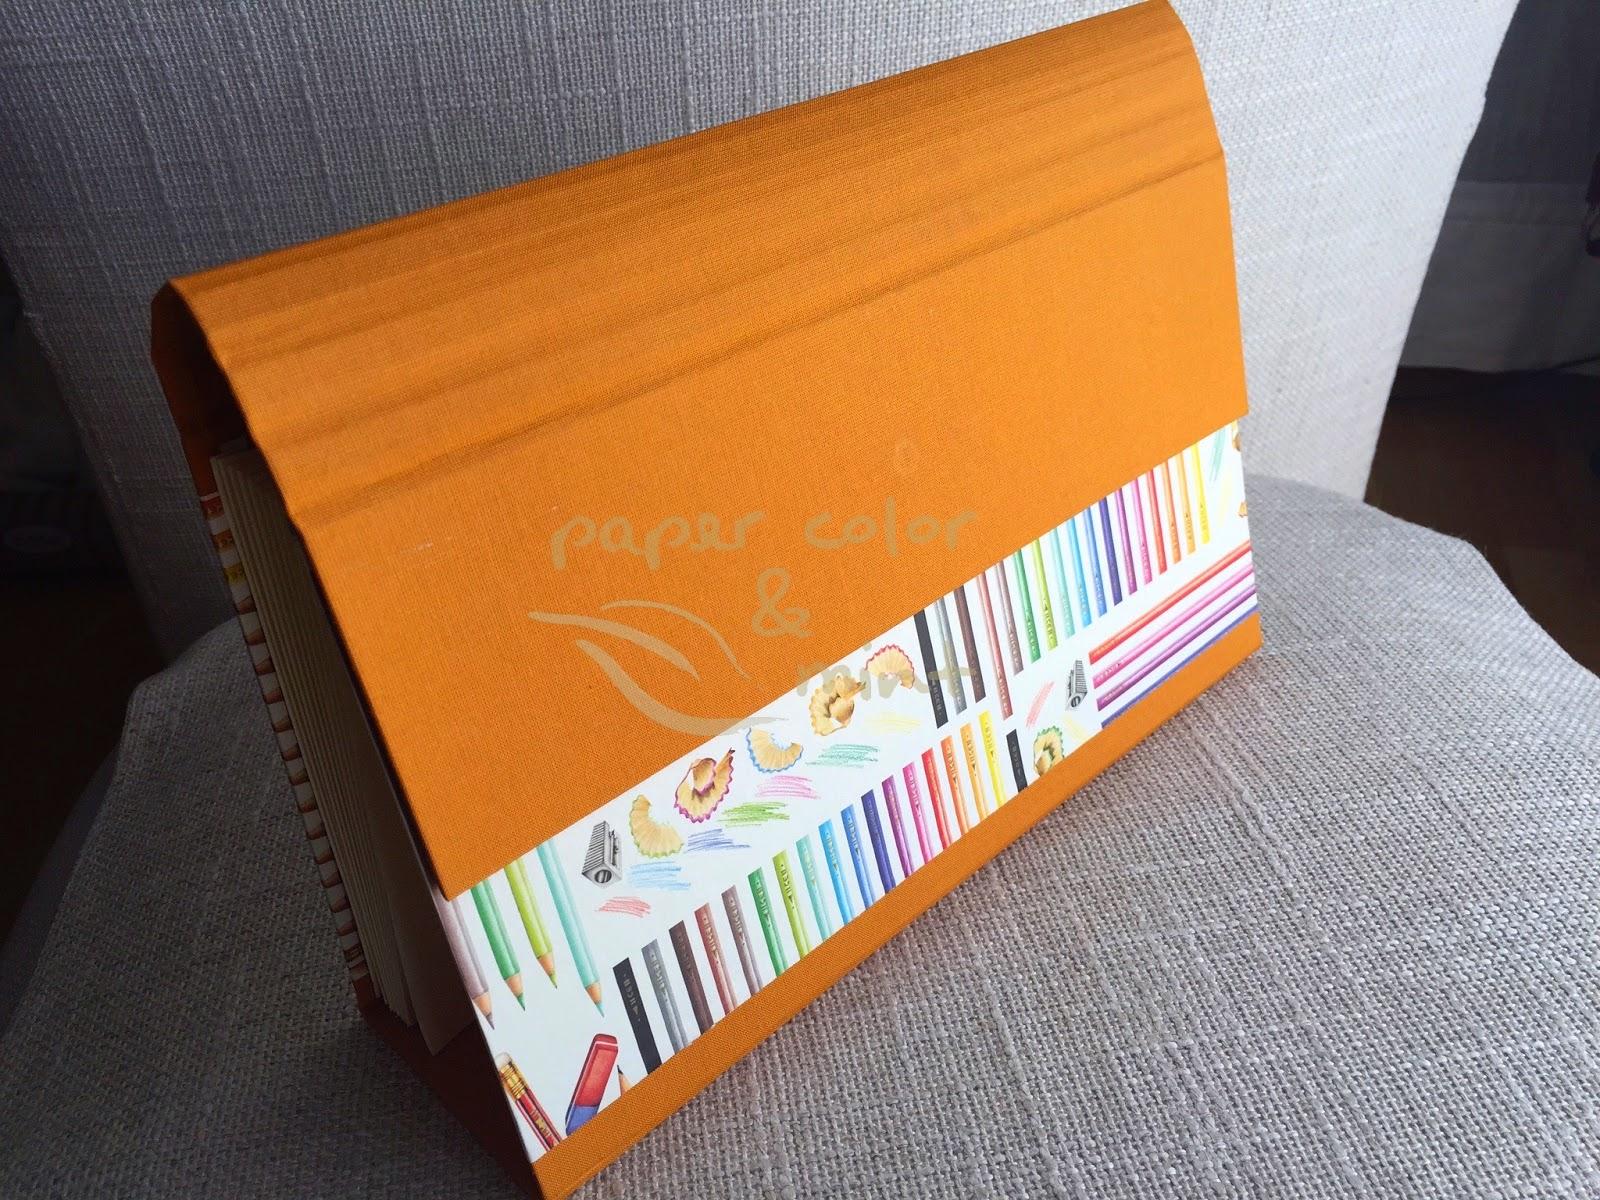 Cartonnage cartonaje Juego de escritorio Clasificador Tassotti